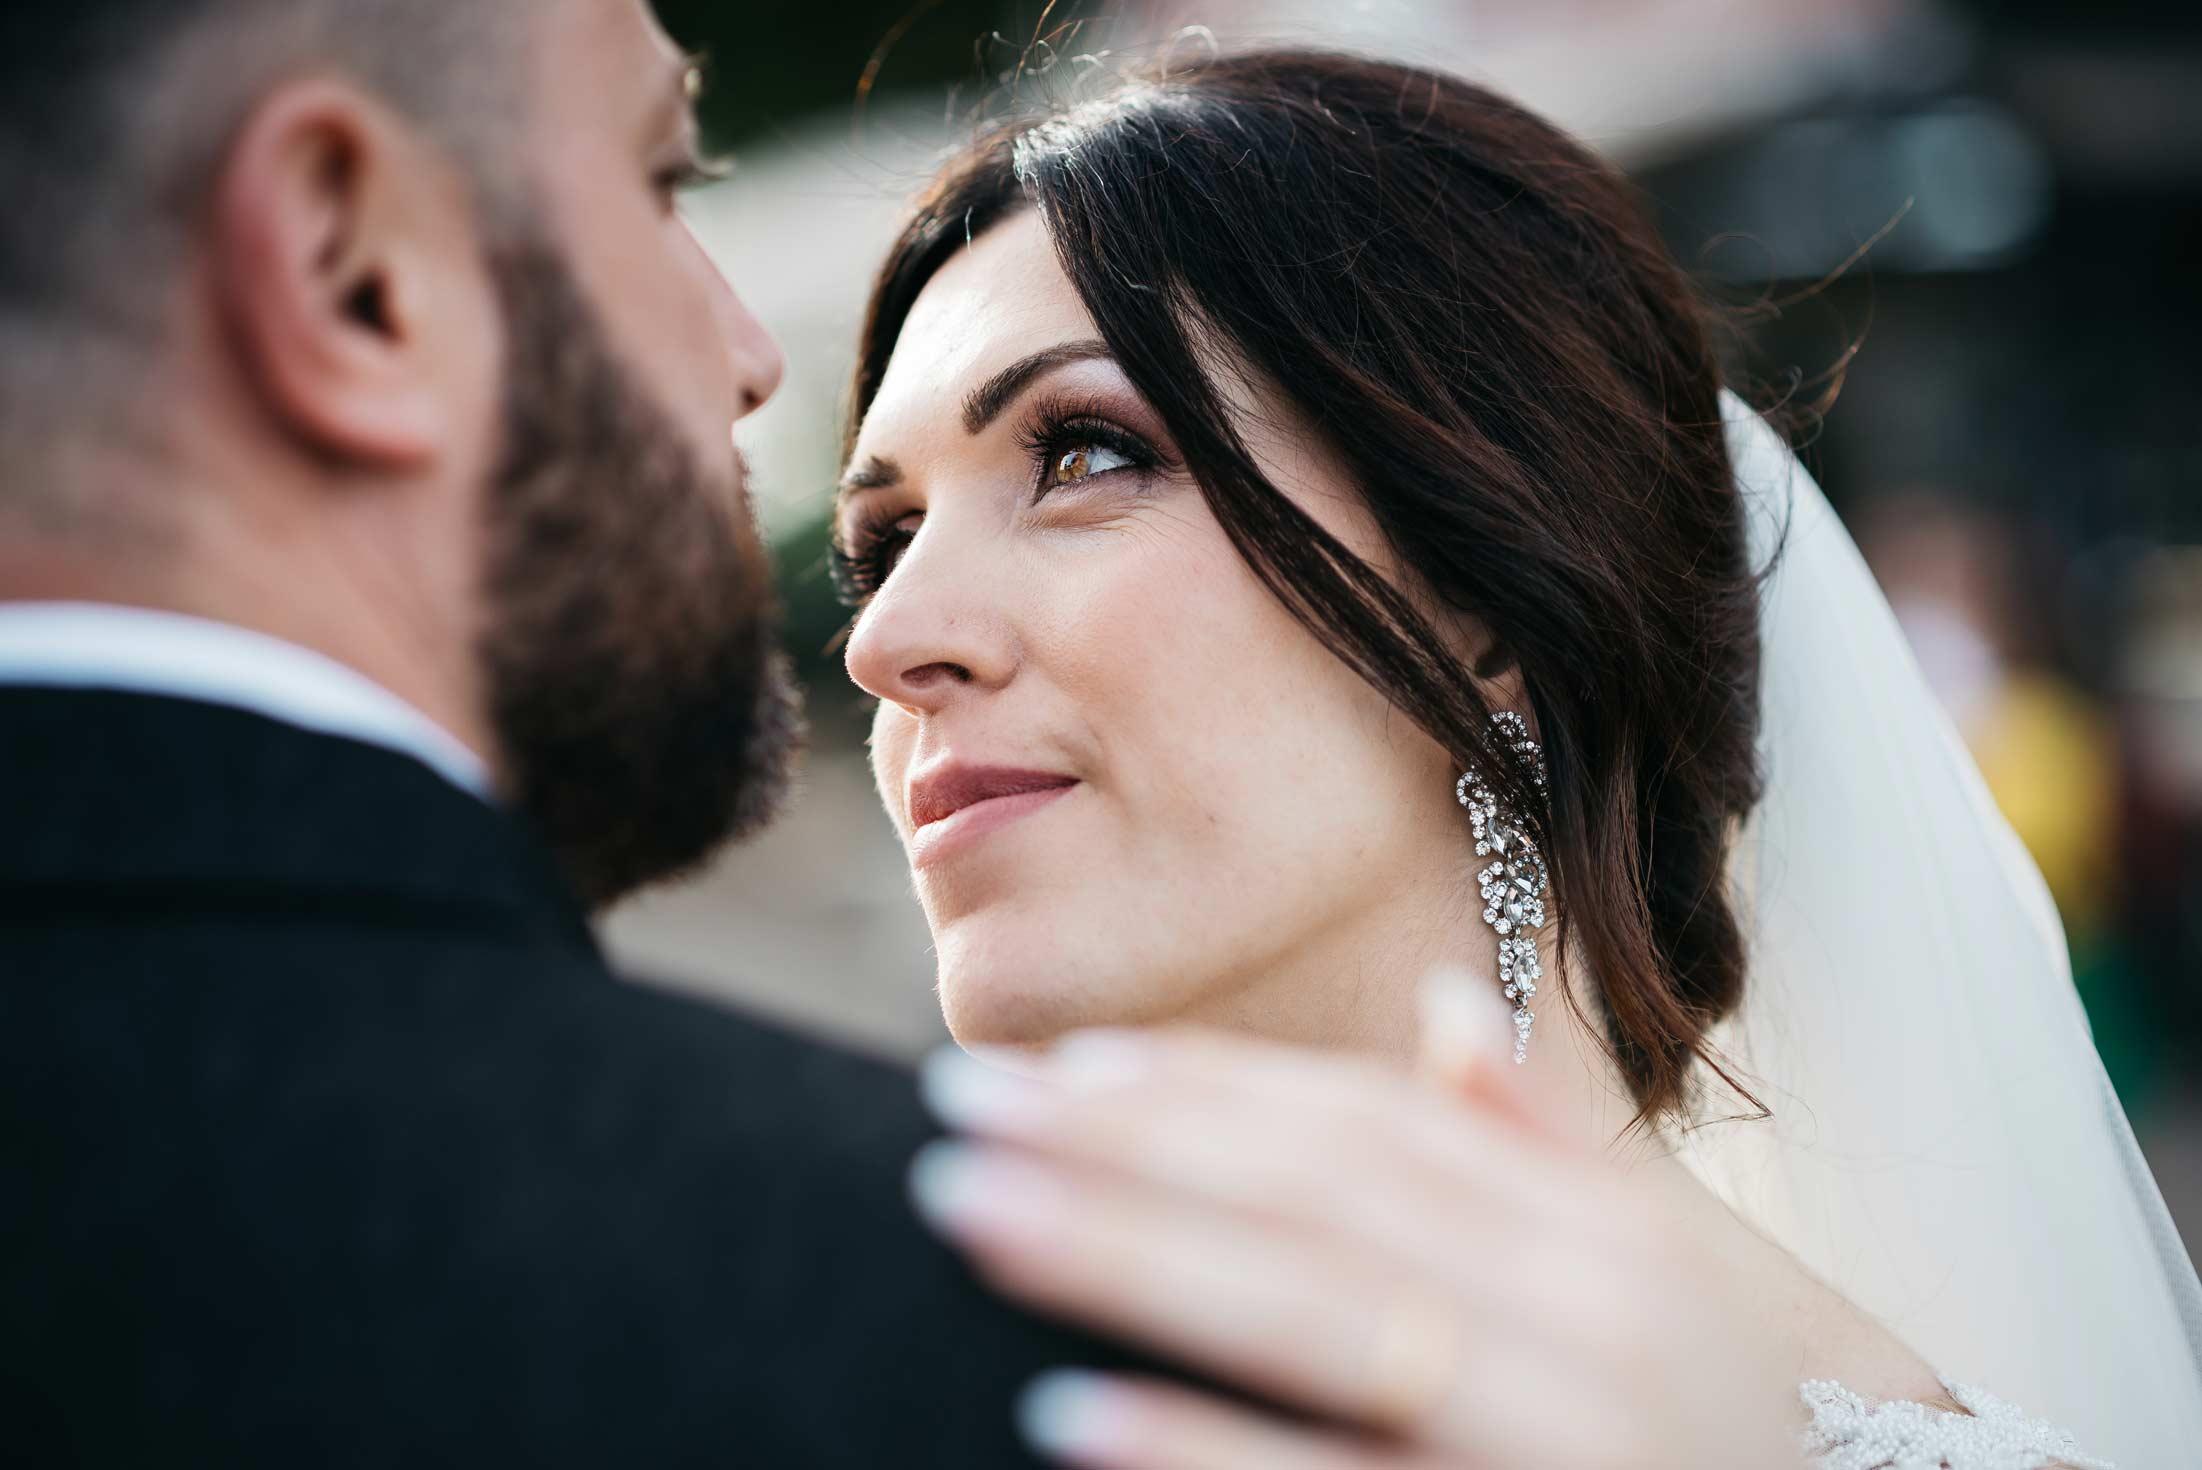 Fotografo-Sposi-Fotoreportage-Di-Matrimonio-Roma-A&D